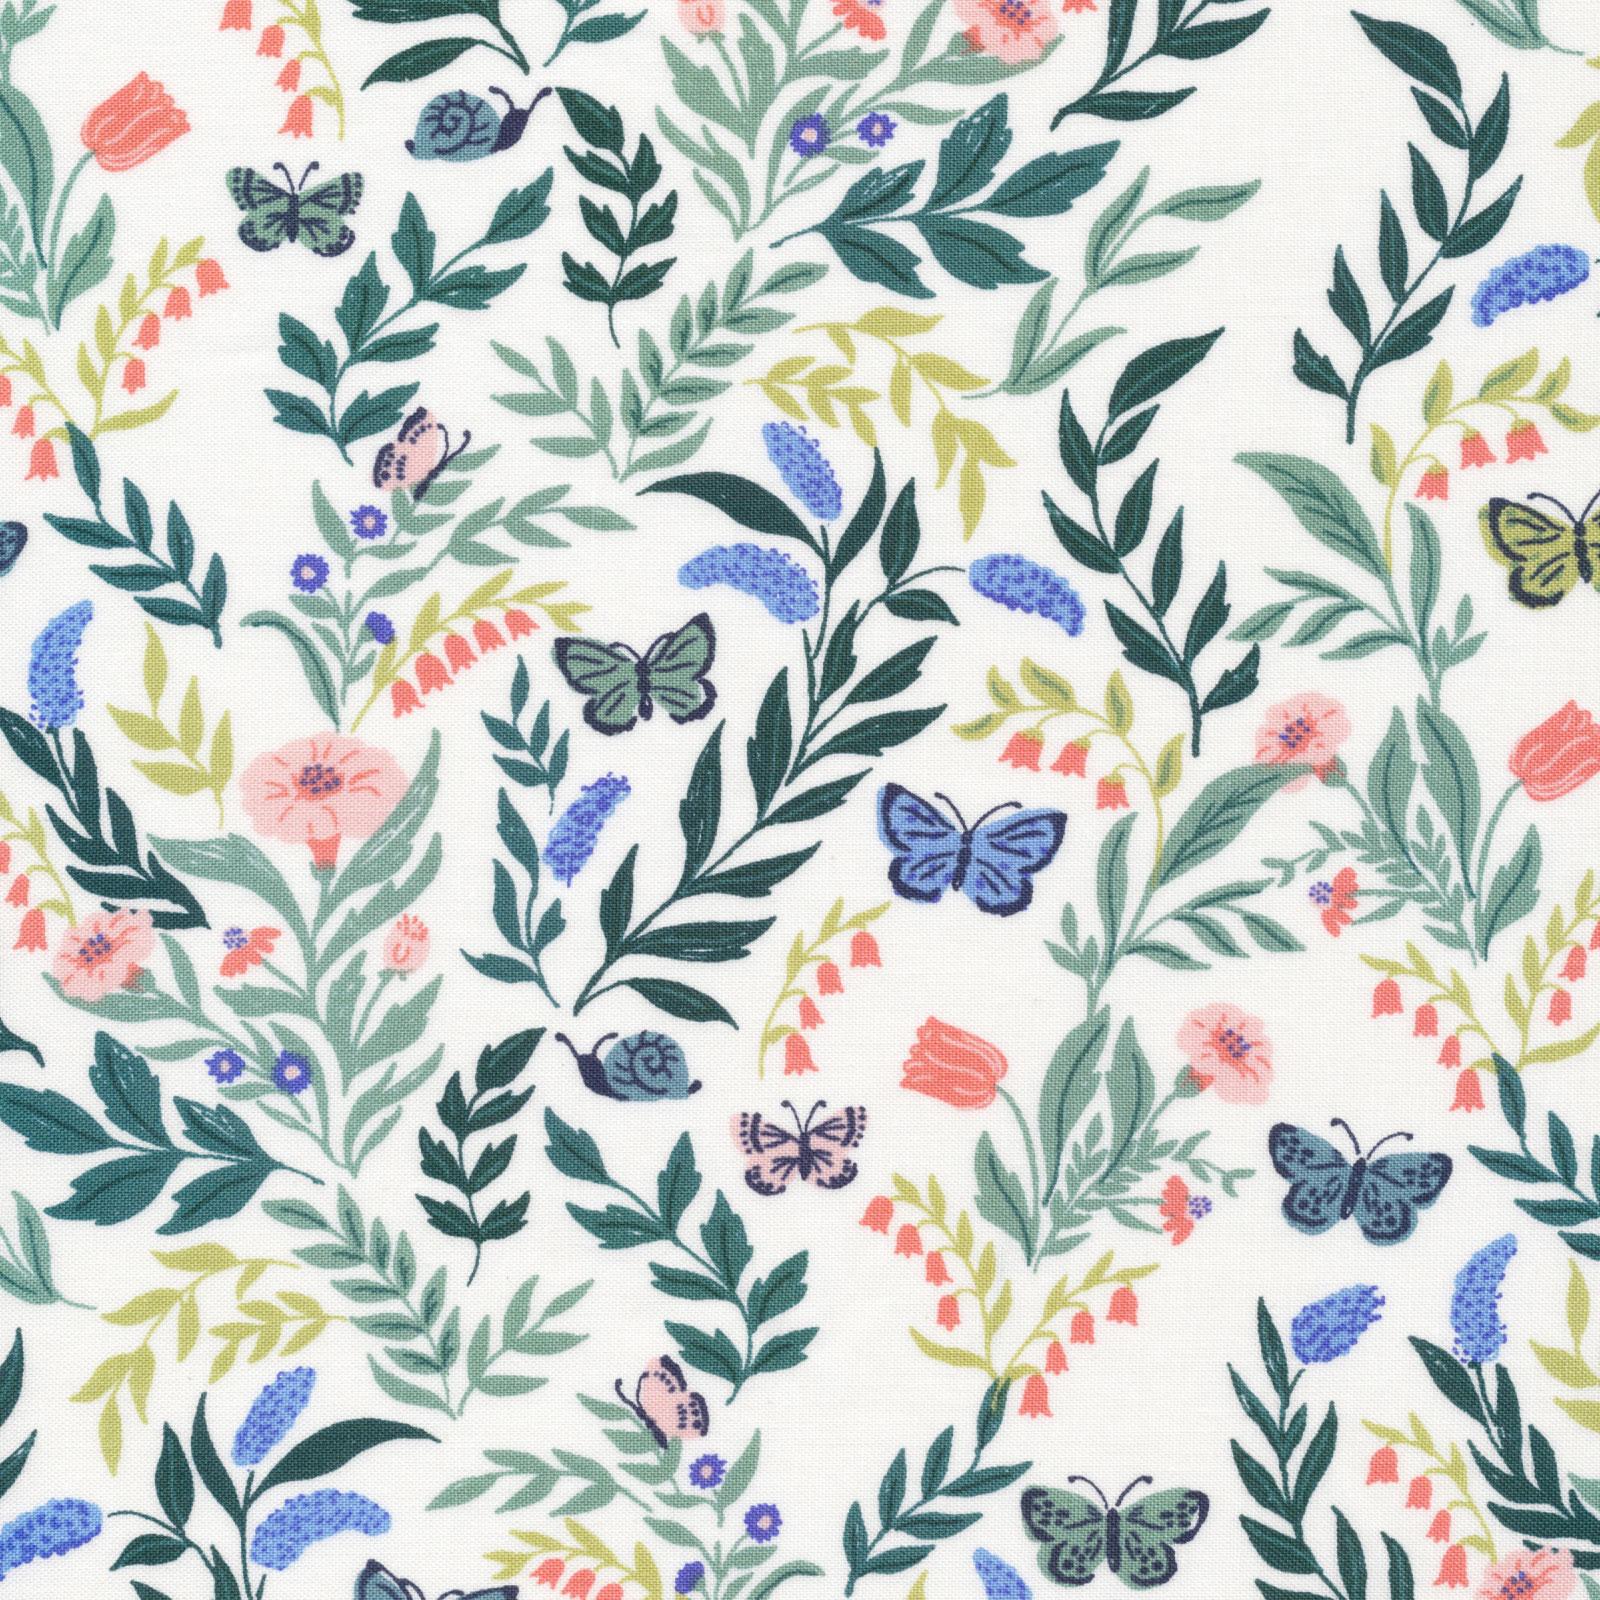 """Imagen del producto: Tela Cloud9 """"Perennial 226991"""", algodón - 50 x 55 cm"""